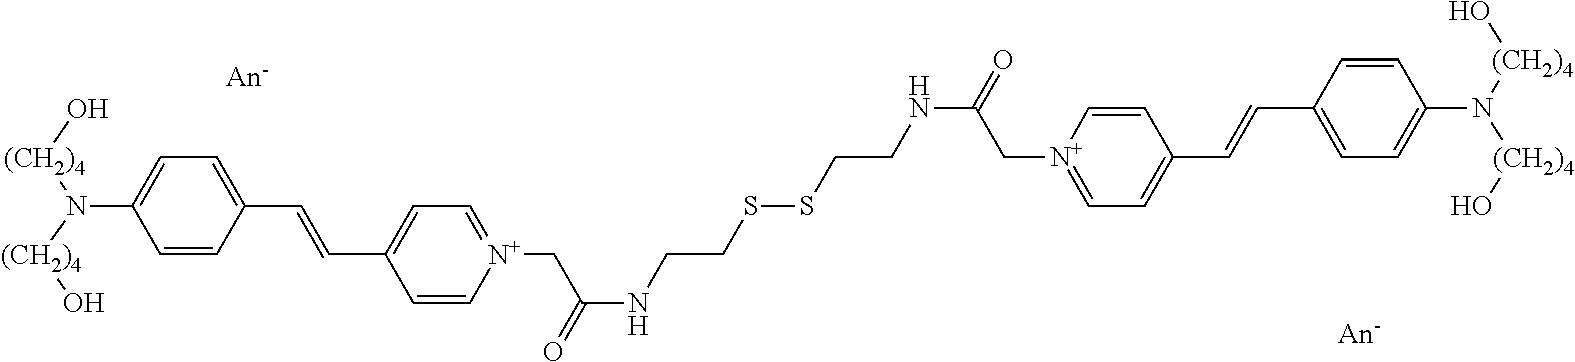 Figure US08840684-20140923-C00221